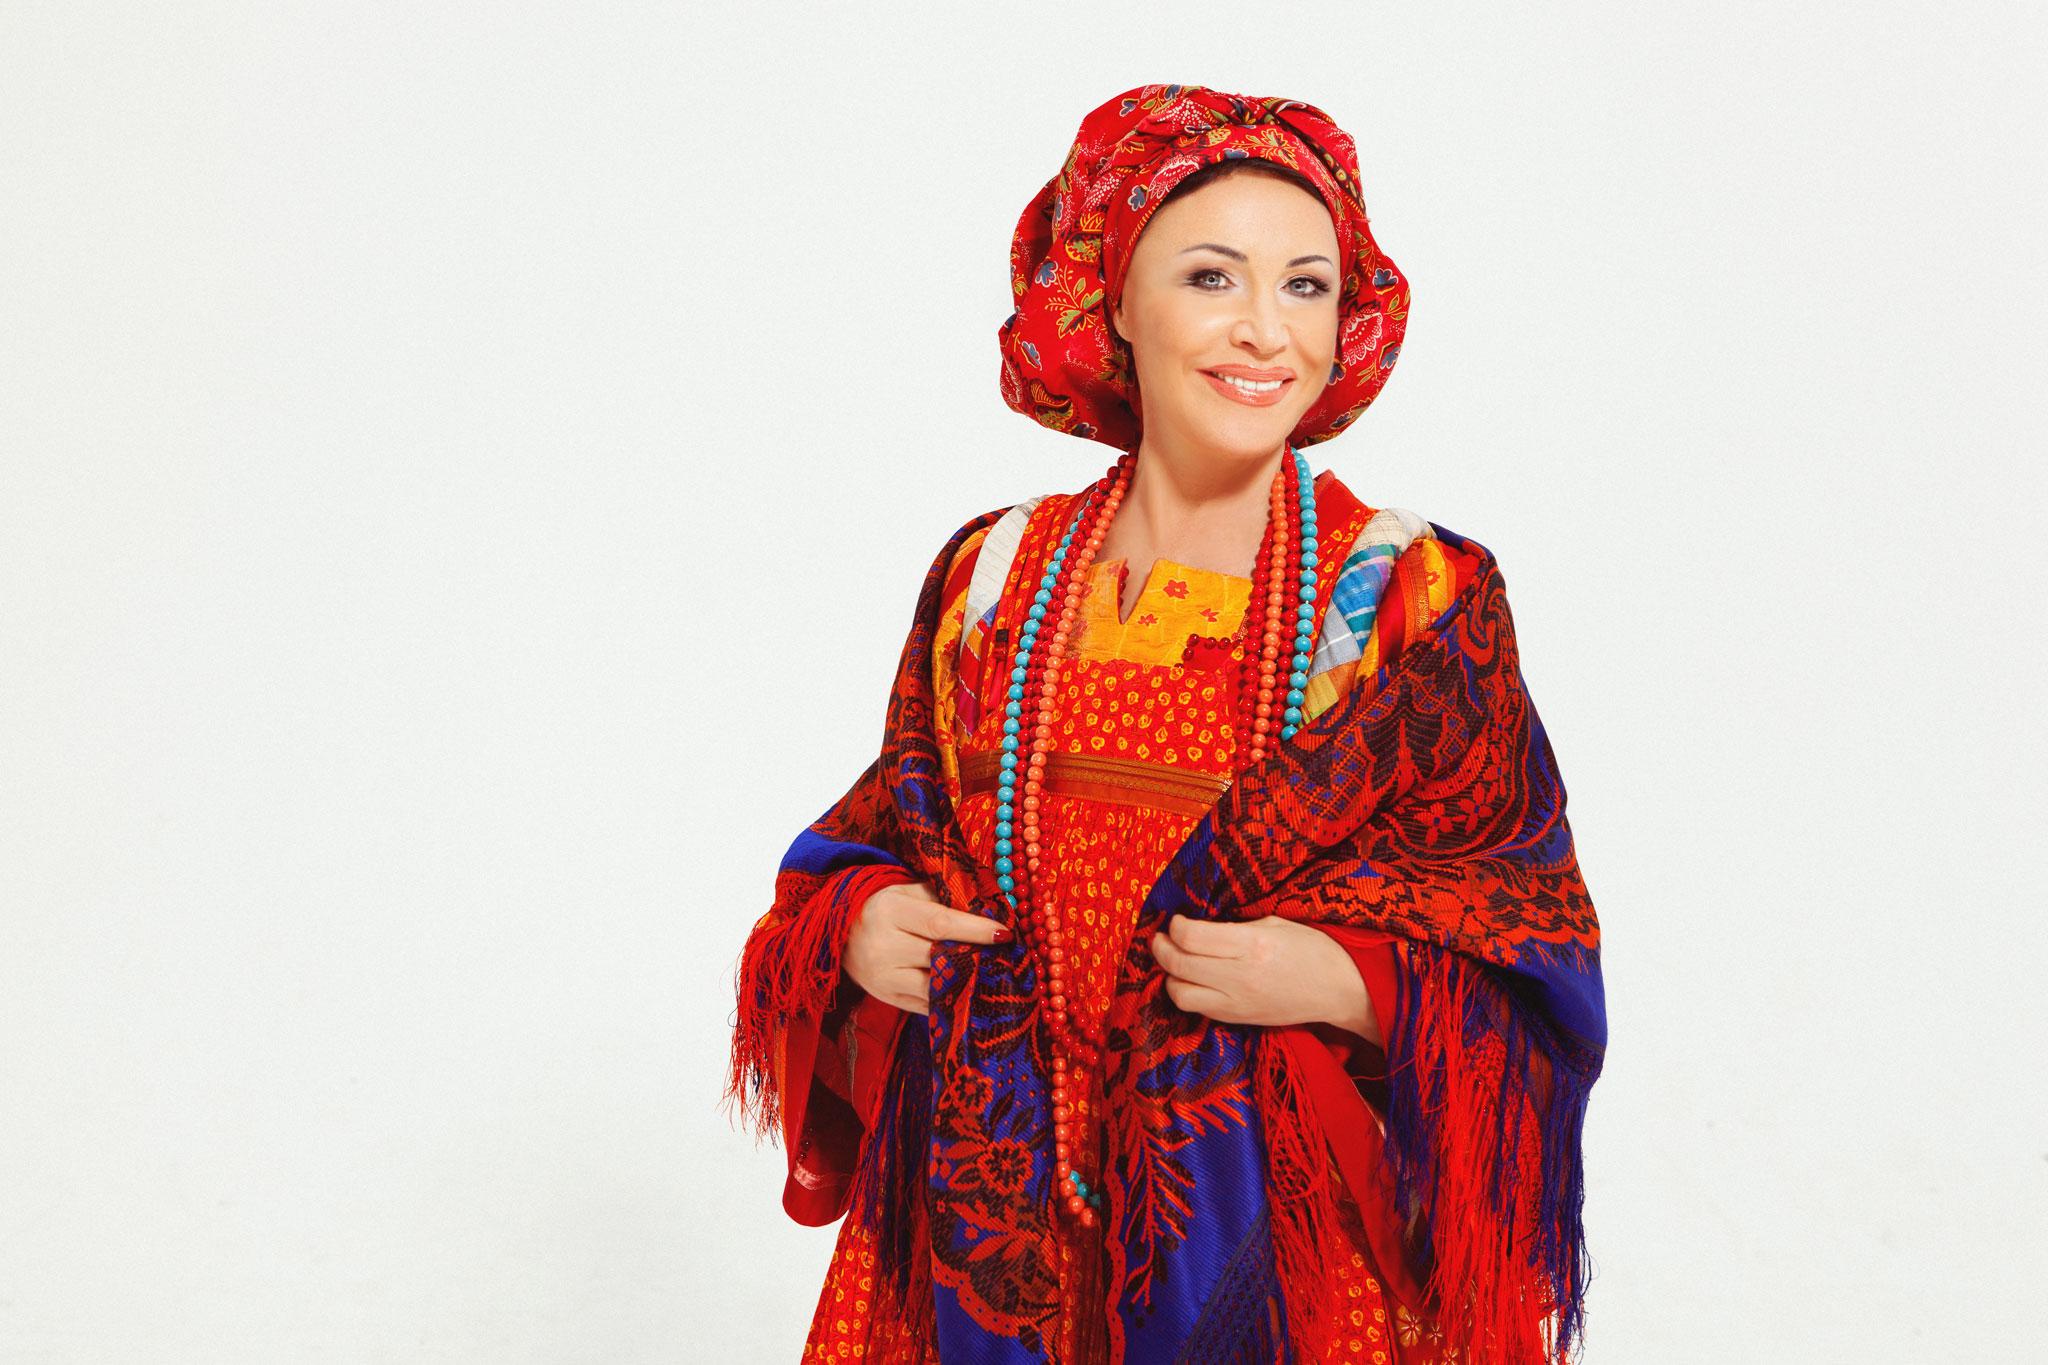 официальный сайт диетолога ковалькова